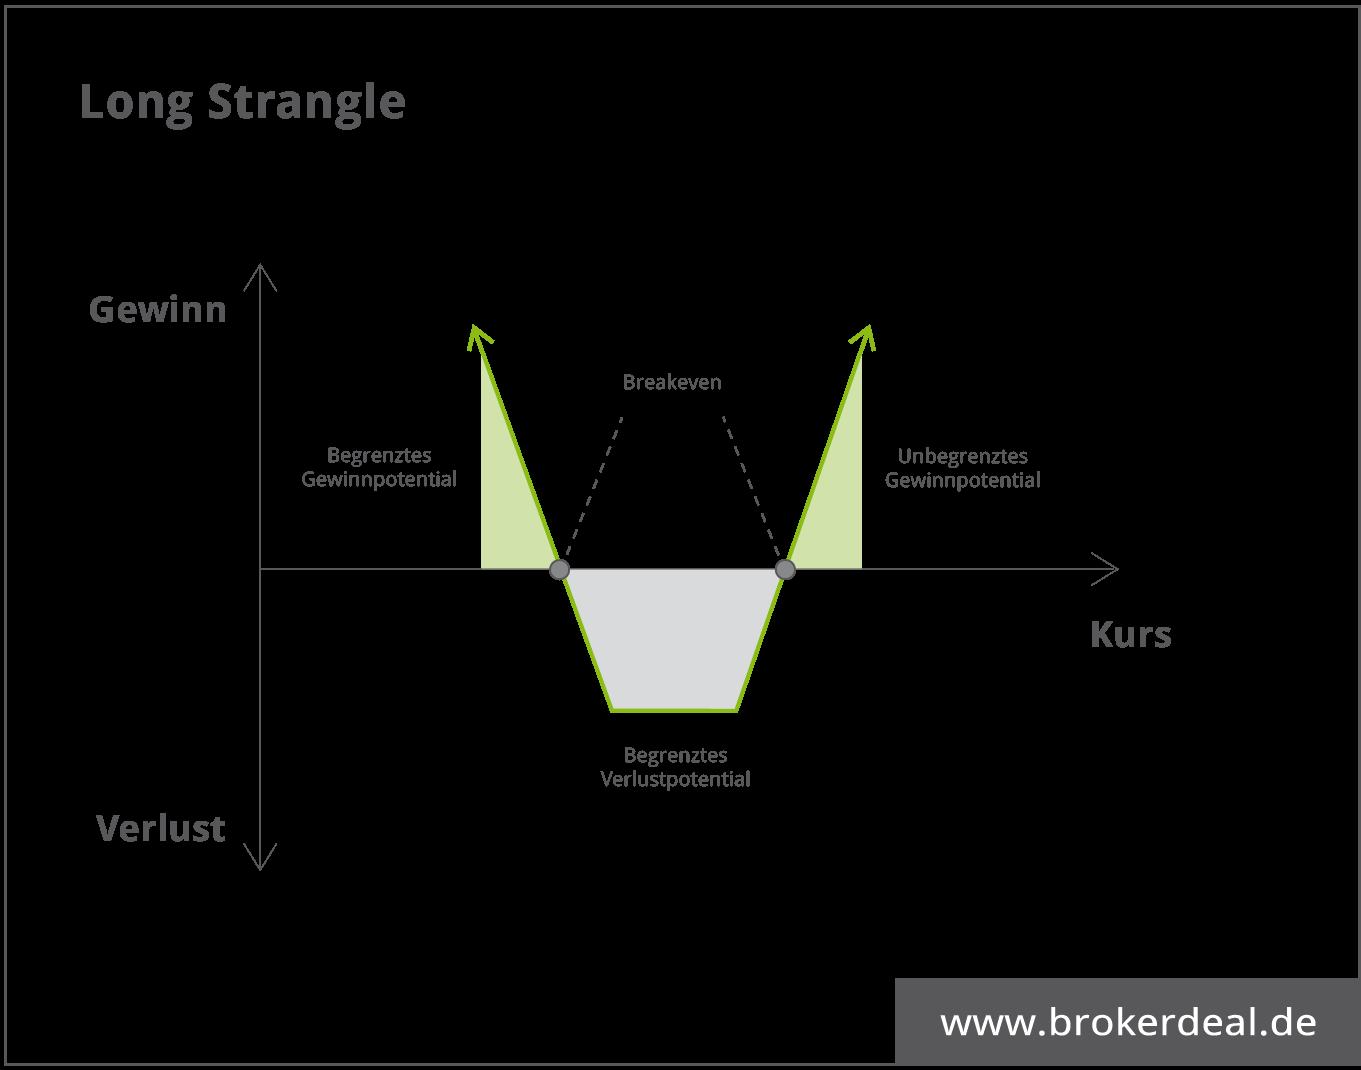 ong Strangle - News Trading im Optionshandel